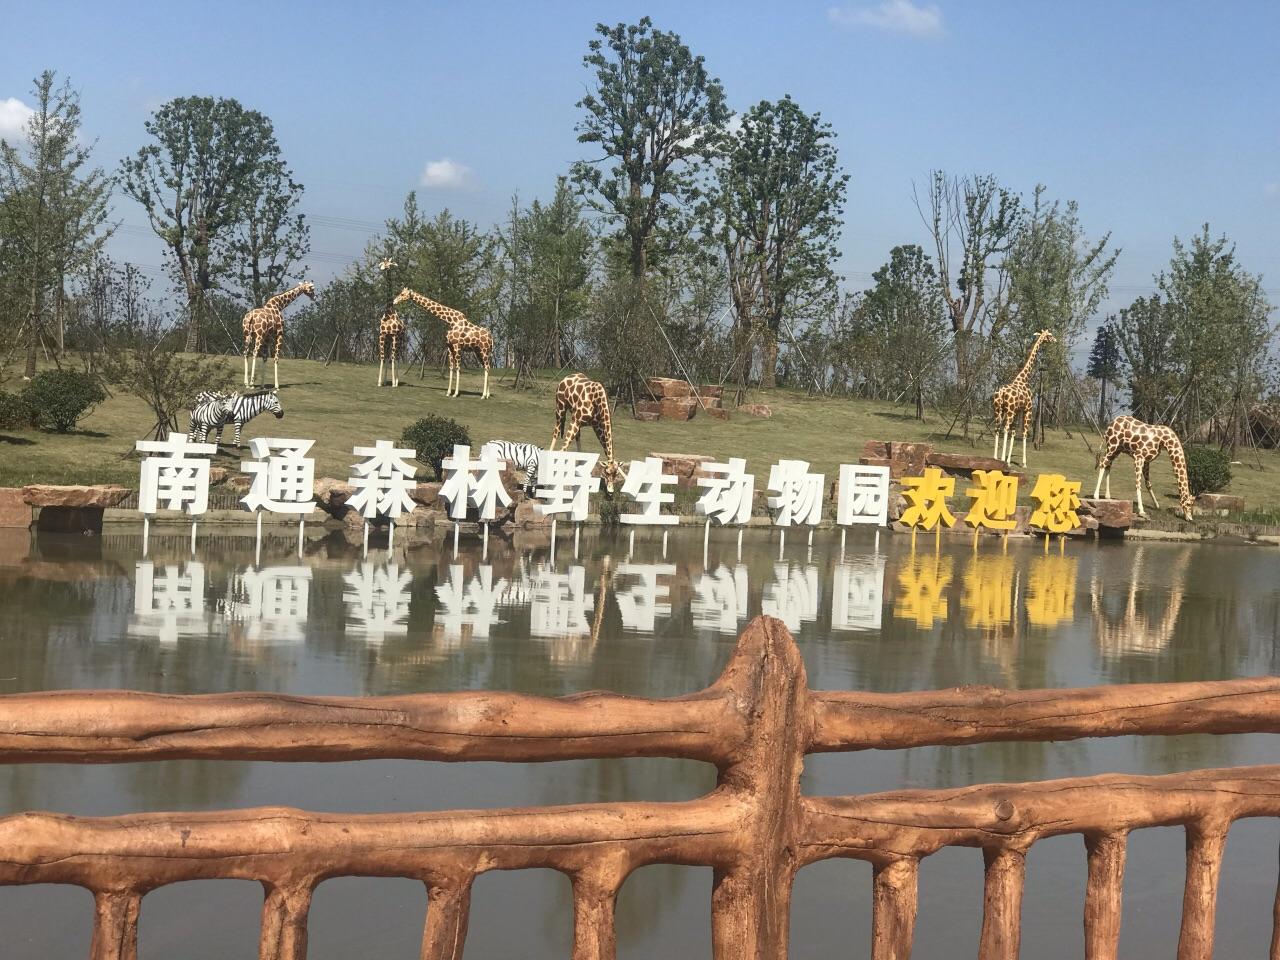 我给5分就为辛勤劳动付出的工作人员! 个人感觉比上海动物园大多了,给动物很宽松很舒适的生活环境,动物生活区很人性化,绿化覆盖率高!上海动物园太小了,动物生活都挤在一起!南通森林野生动物园分步行区和车行区,车行区的大型动物很多,建议大家自驾开车进去,因为地方很大很大所以觉得动物少,其实很多动物呀!有的动物还要慢慢的运进来!大家得宽容,都是一步一步的完善起来!一只小动物最便宜得都是十几万一只,后期的维护费用很高,例如一只袋鼠一天就要喝鲜牛奶和鲜牛肉,大量的水果,有专人负责管理和照顾,不容易的!今天有